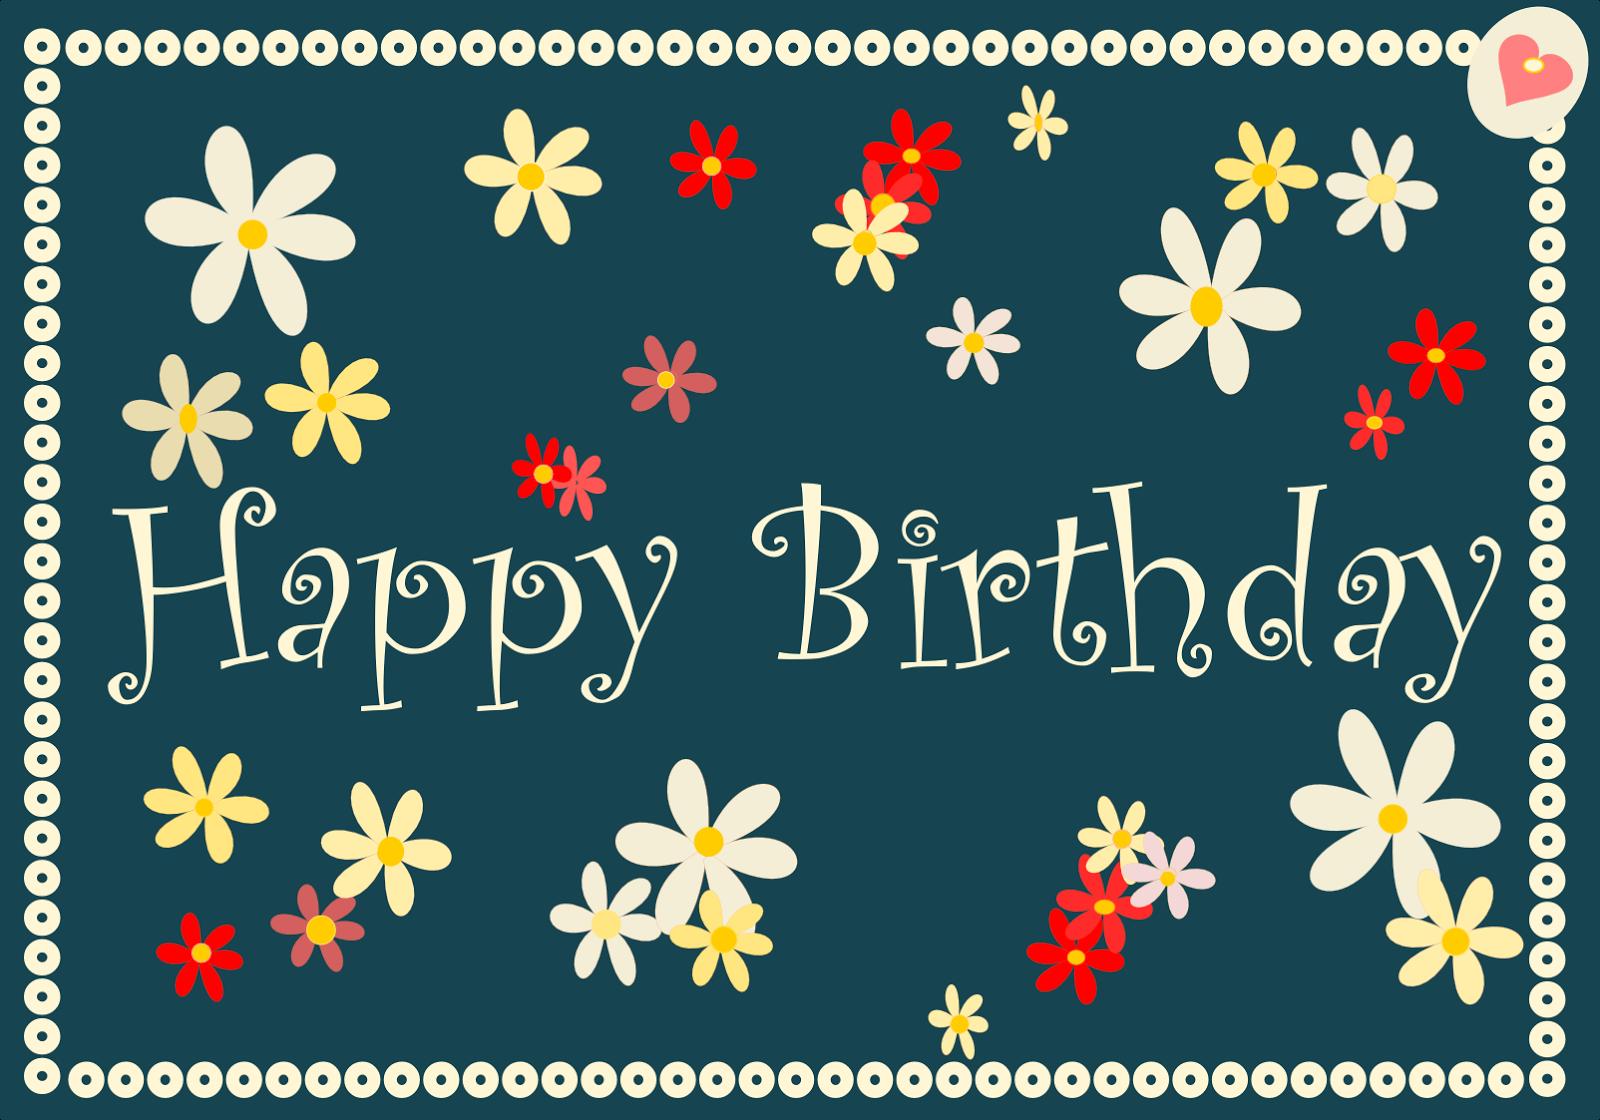 生日快乐卡,祝贺卡,毕业证,感谢卡,printables,免费,免费赠品,免费下载,一目了然